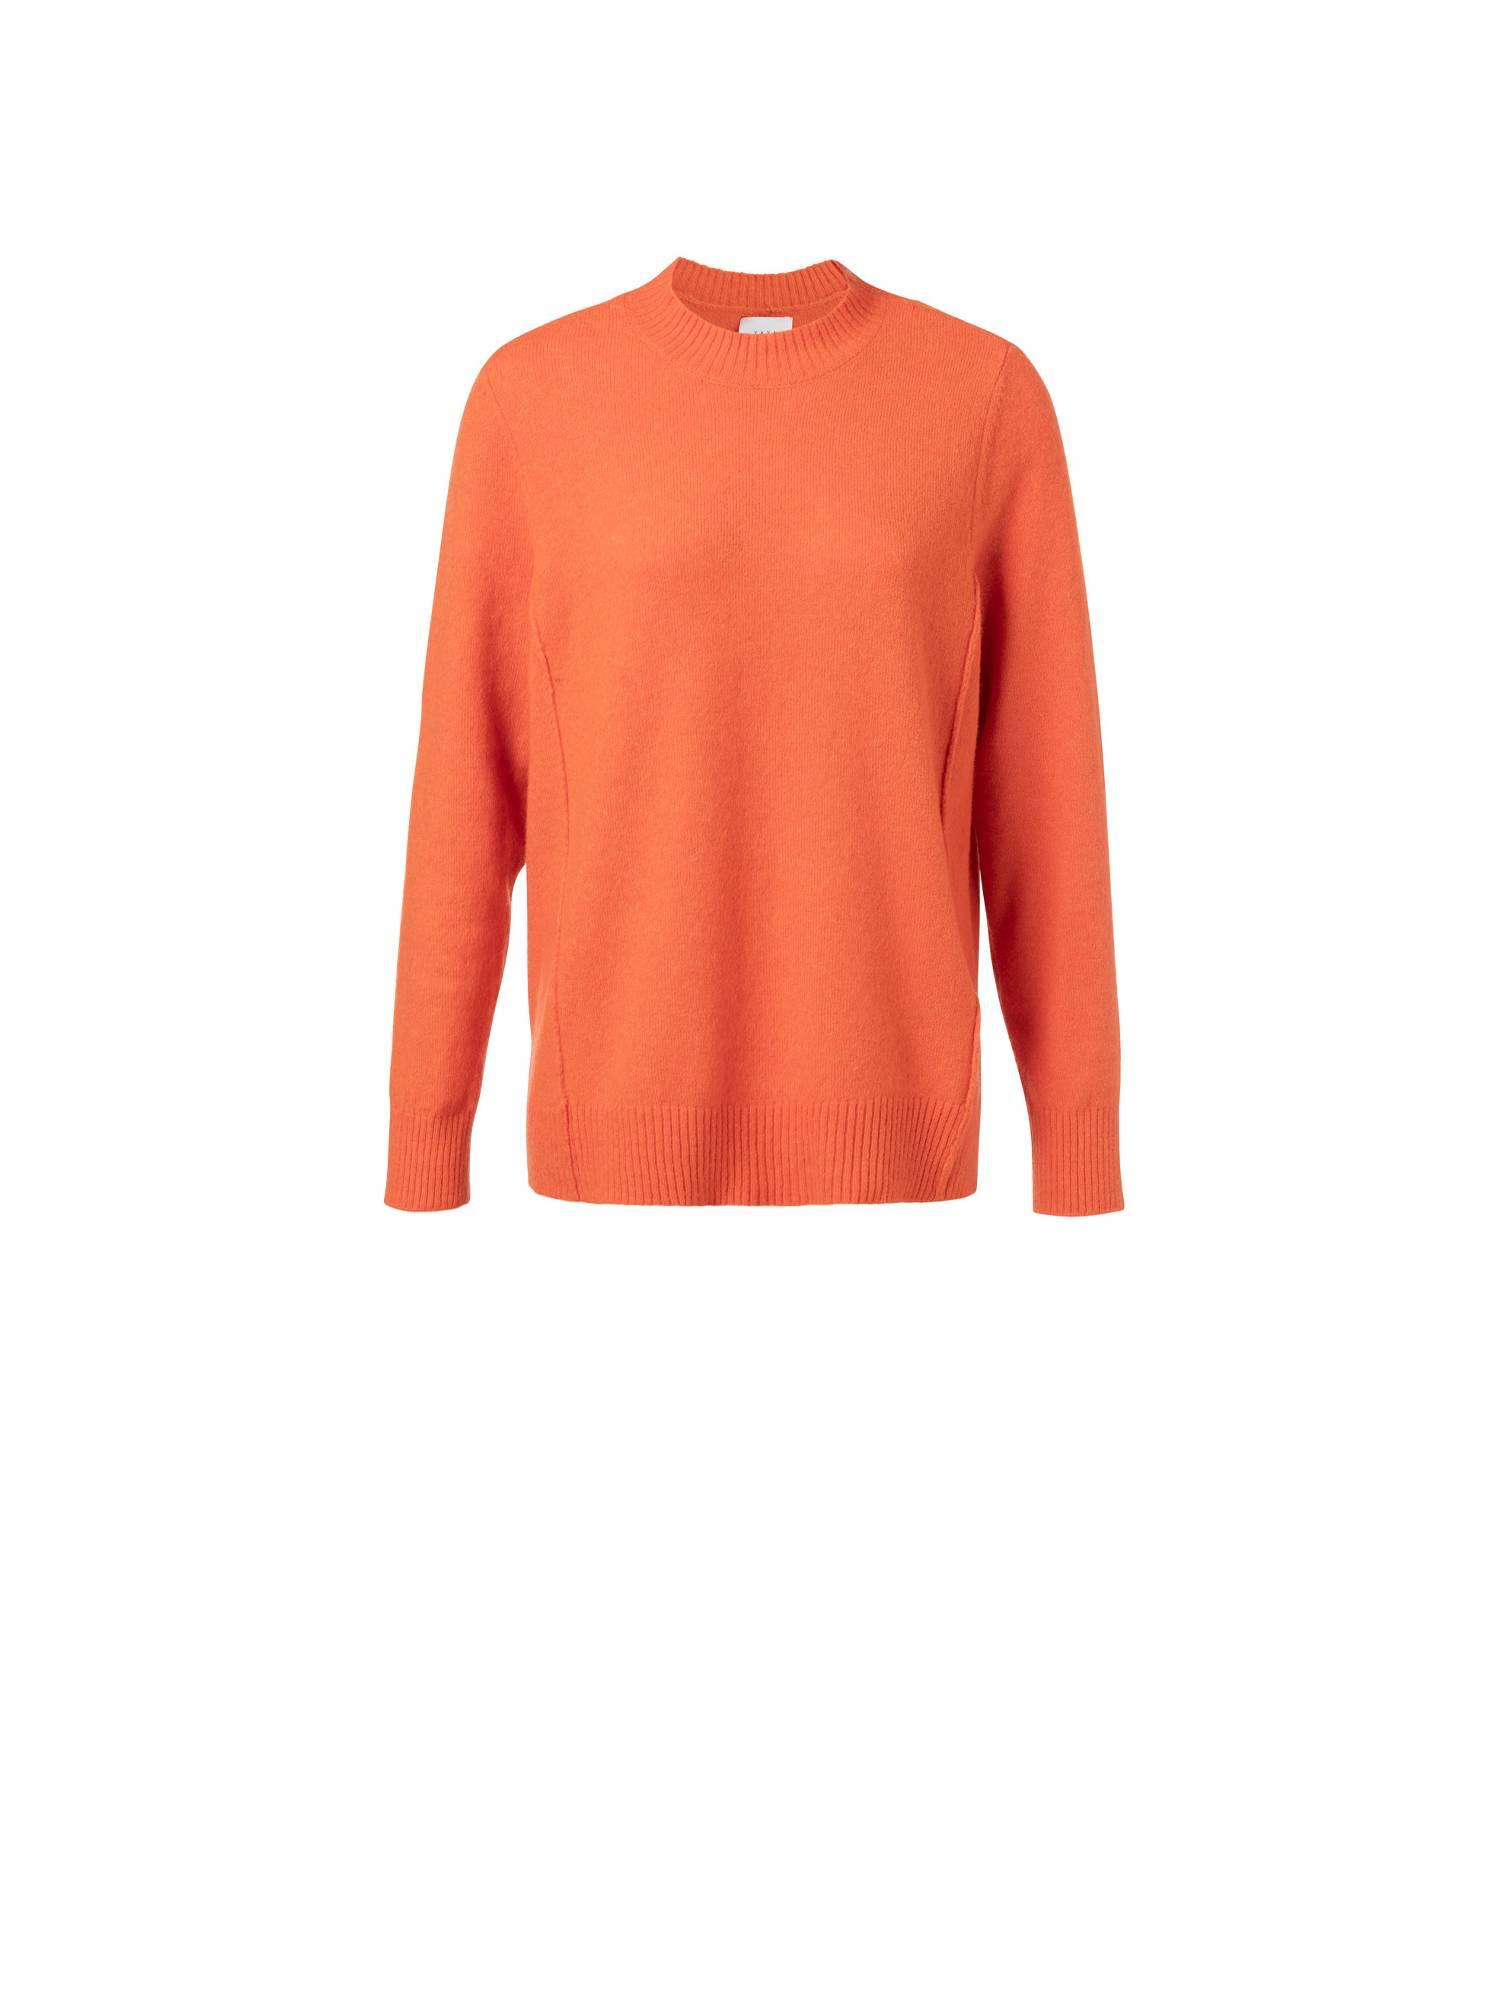 Oranje dames trui met zoomlijnen - 1000224-924 - 99196